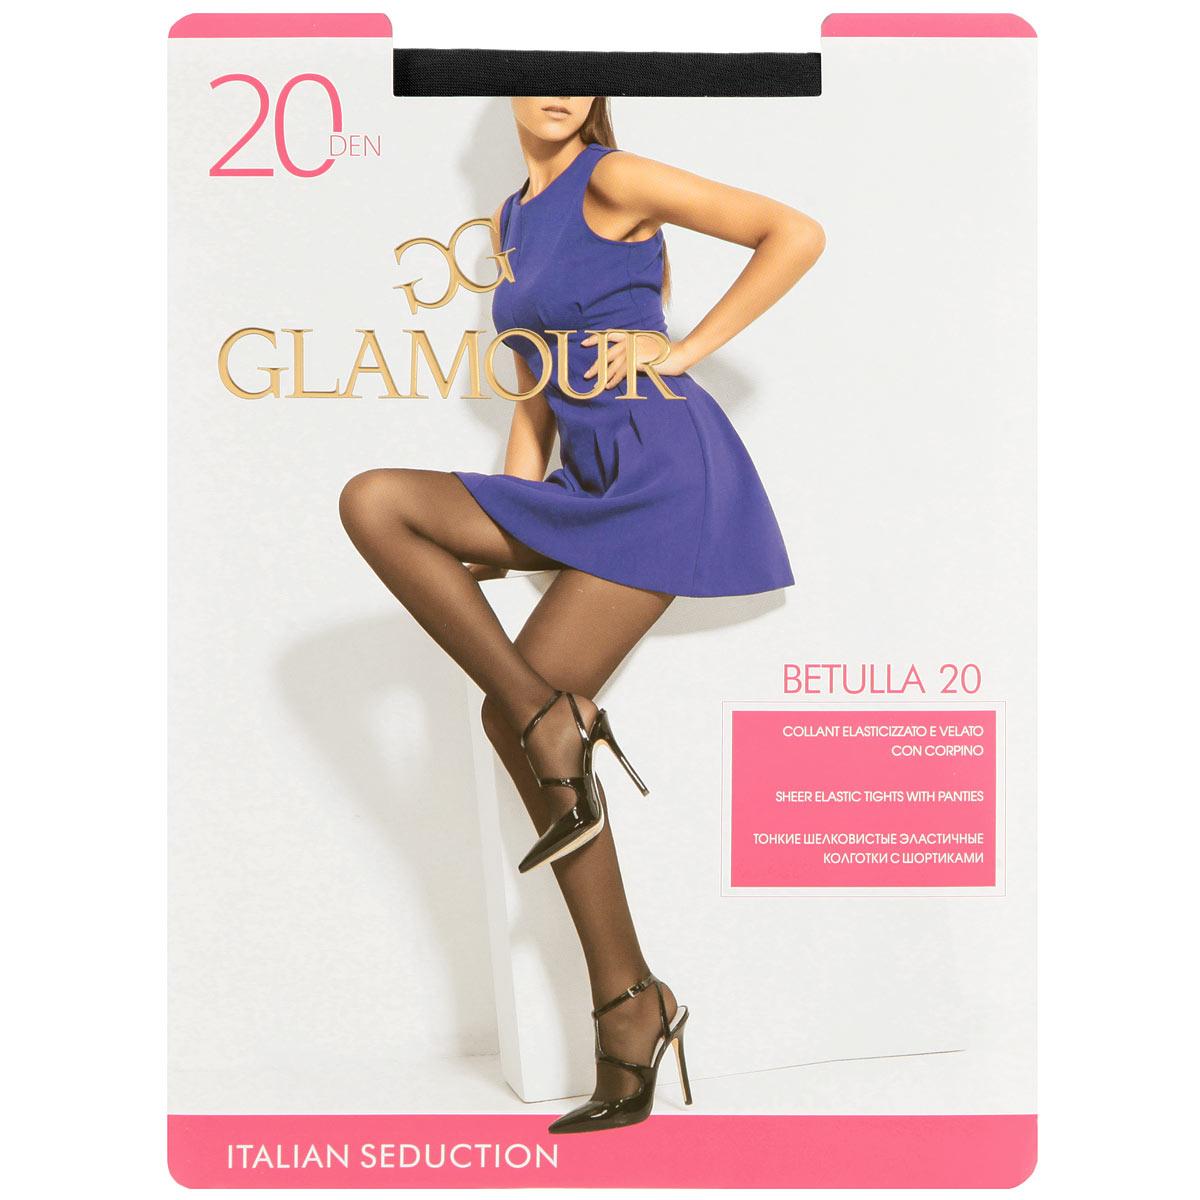 Колготки женские Glamour Betulla 20, цвет: Nero (черный). Размер 5 (XL)